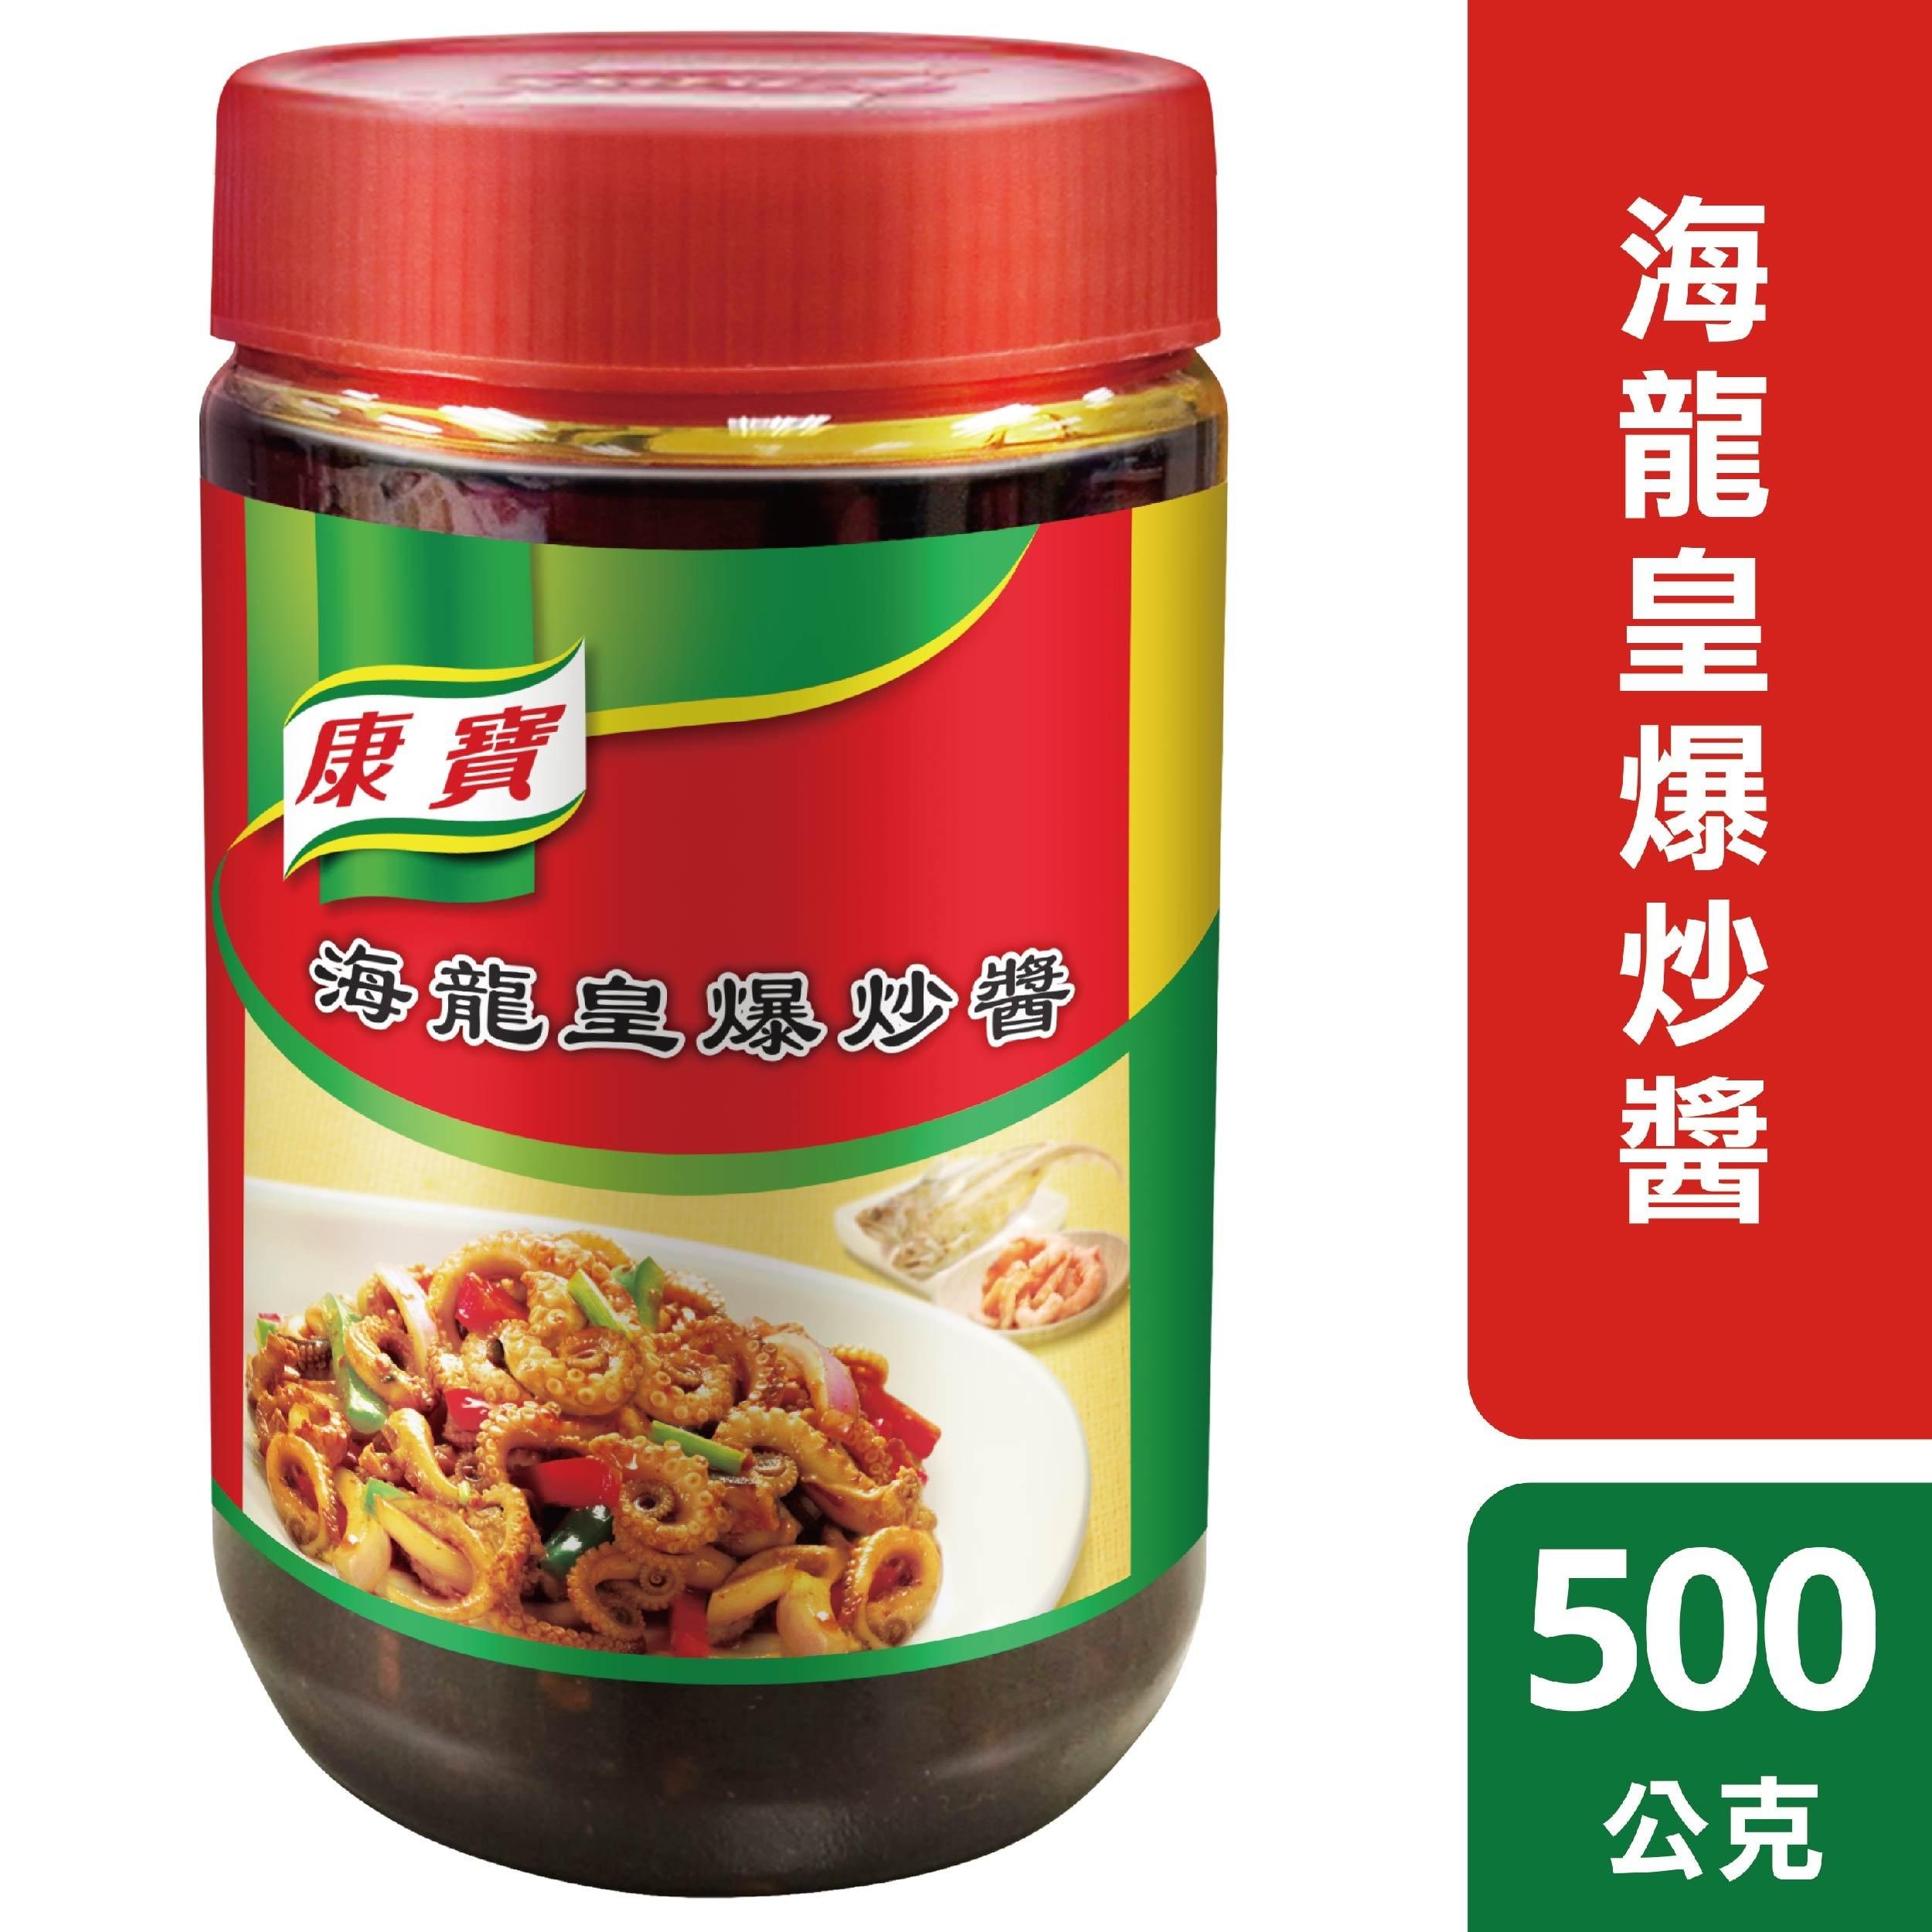 康寶海龍皇爆炒醬 -